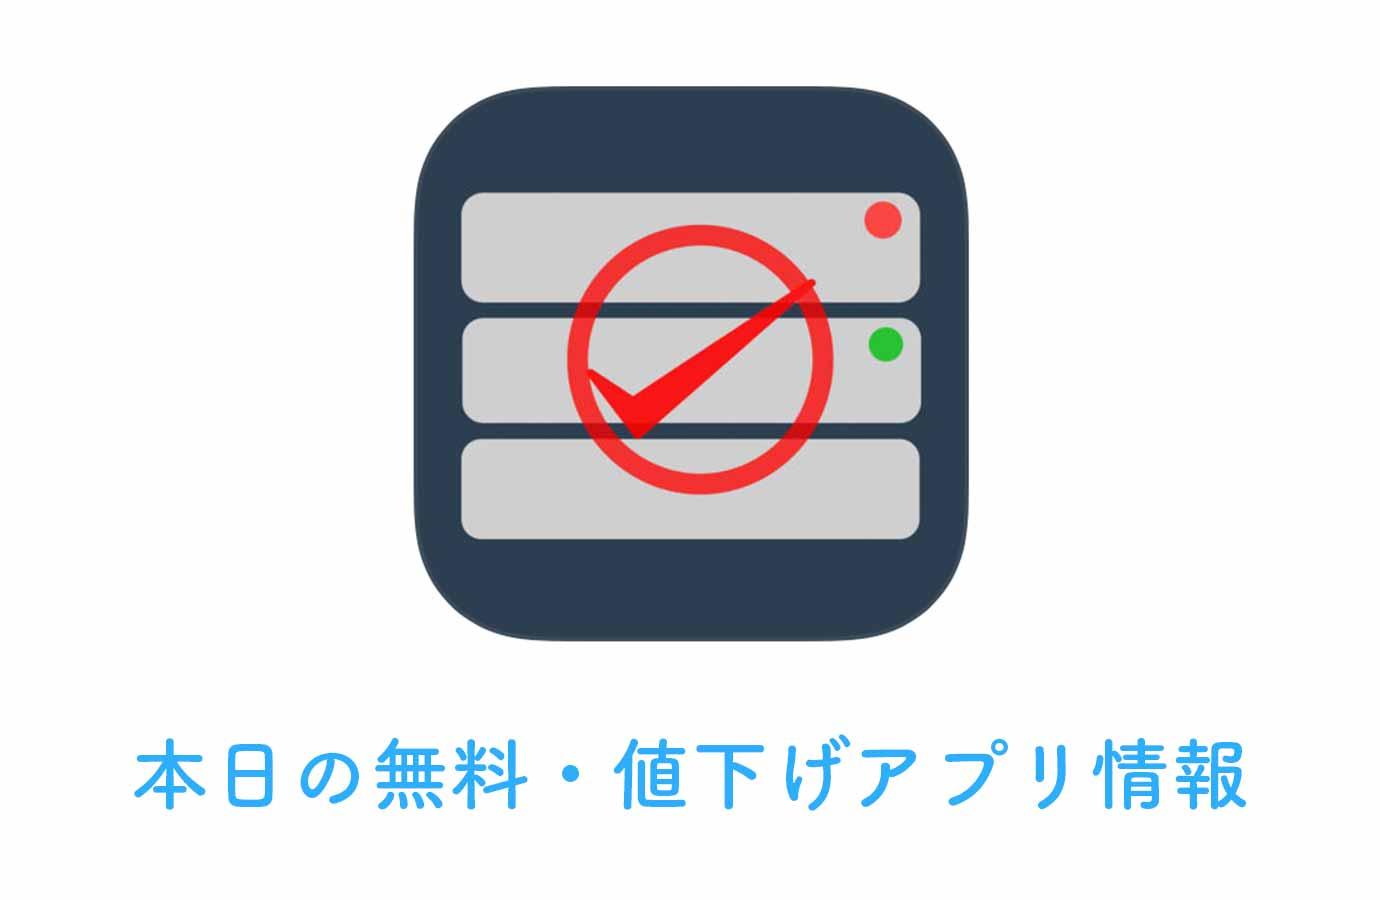 【360円→無料】やらない事を管理するためのアプリ「やらない事リスト」など【3/8】本日の無料・値下げアプリ情報